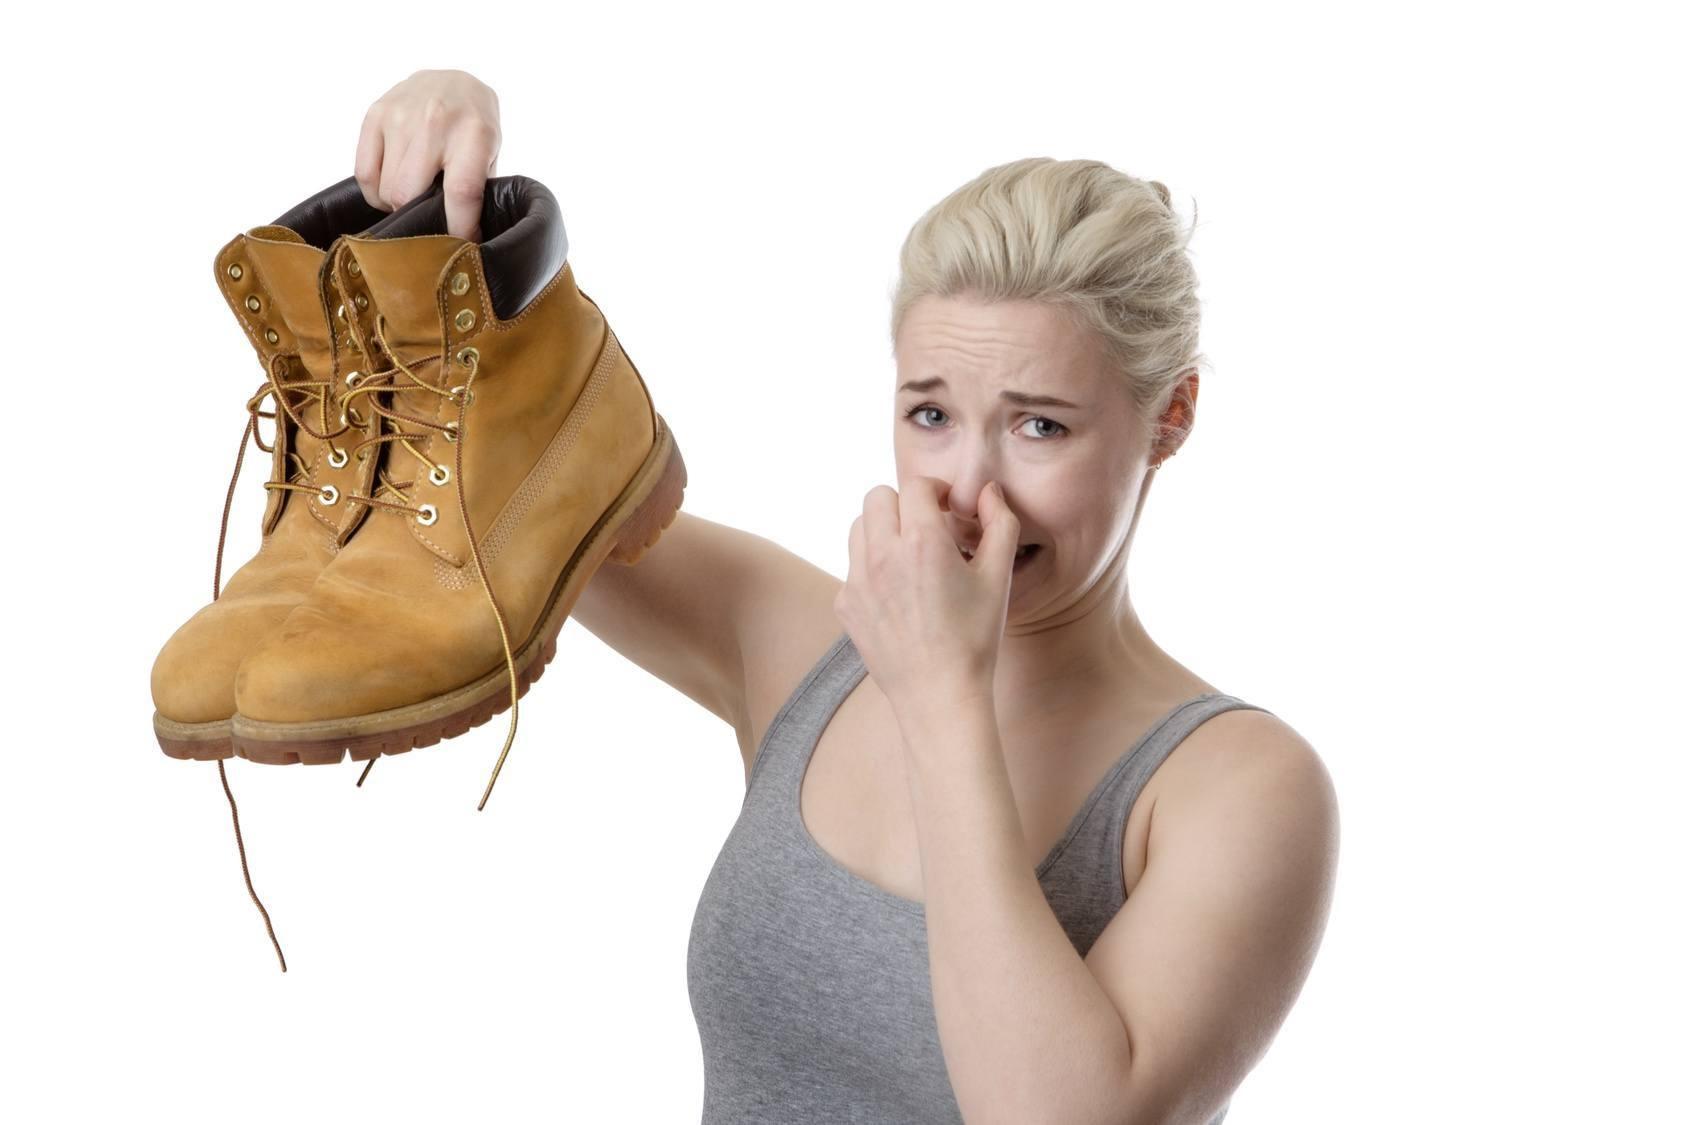 Bau kaki bikin nggak pede, ini penyebab dan solusi mengatasinya